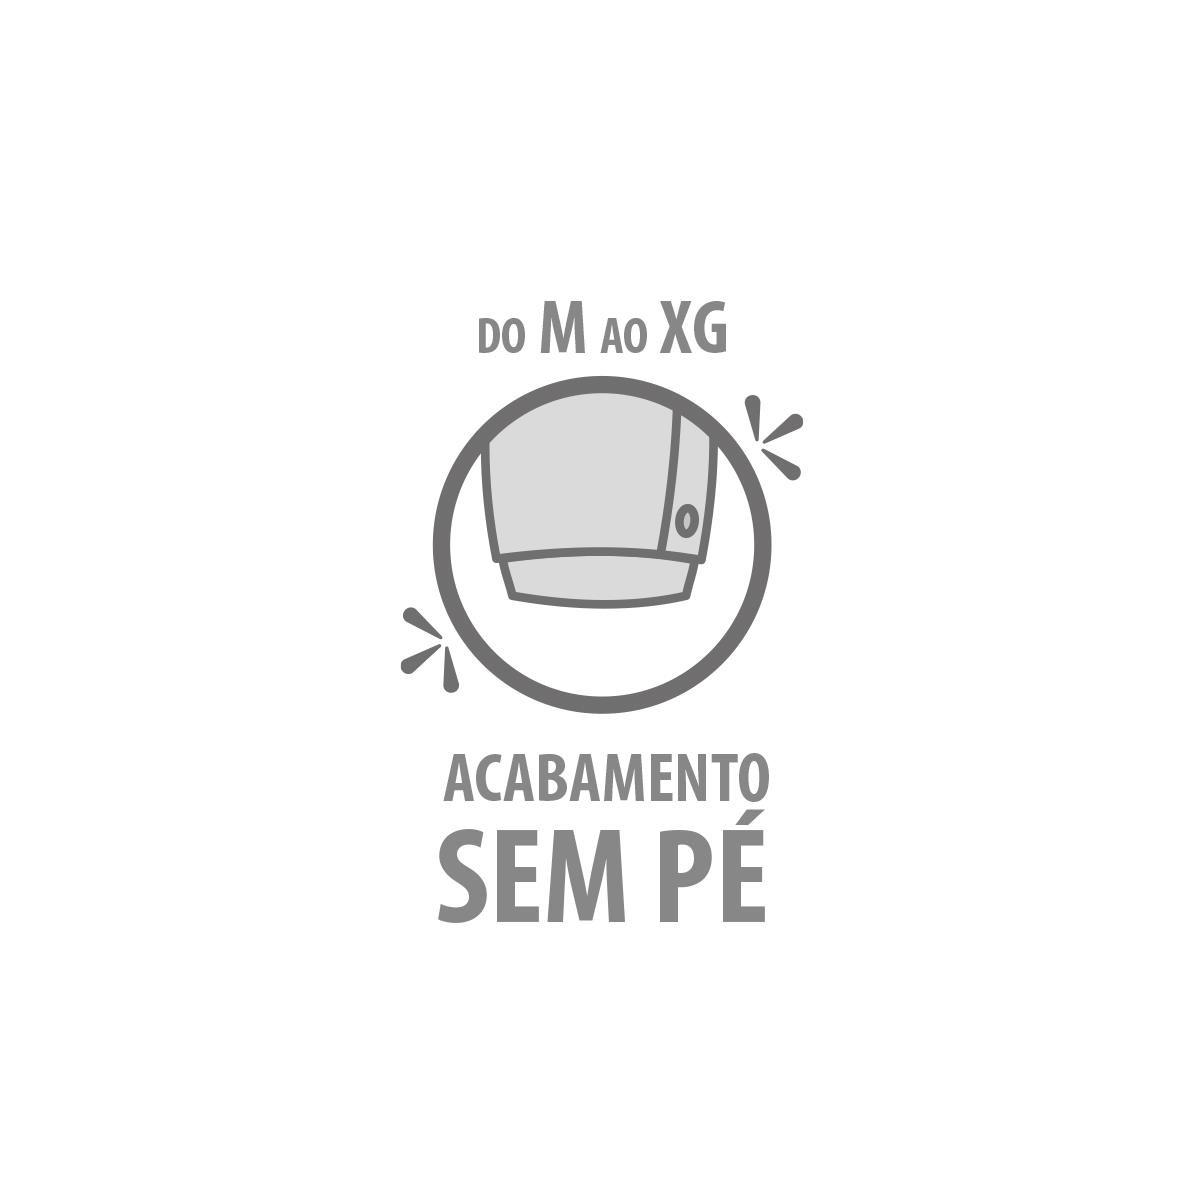 Macacão Básico Coalinha Branco - Tamanhos RN e P com pezinho; M, G e XG sem pezinho  - Piu Blu